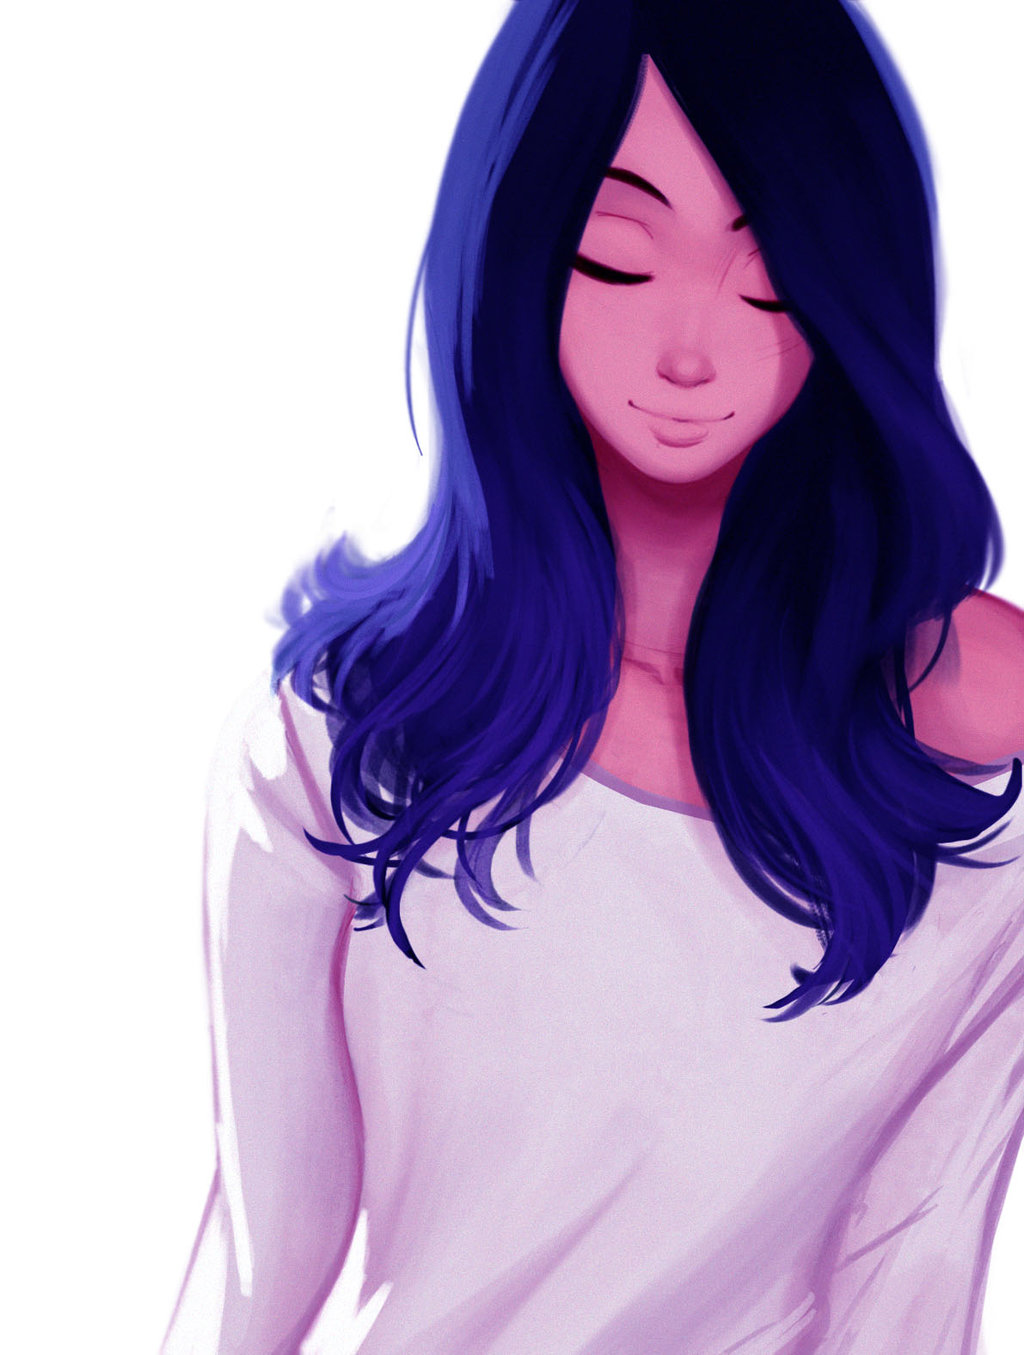 Фото Девушка с синими волосами и в белой кофточке, by Raichiyo33